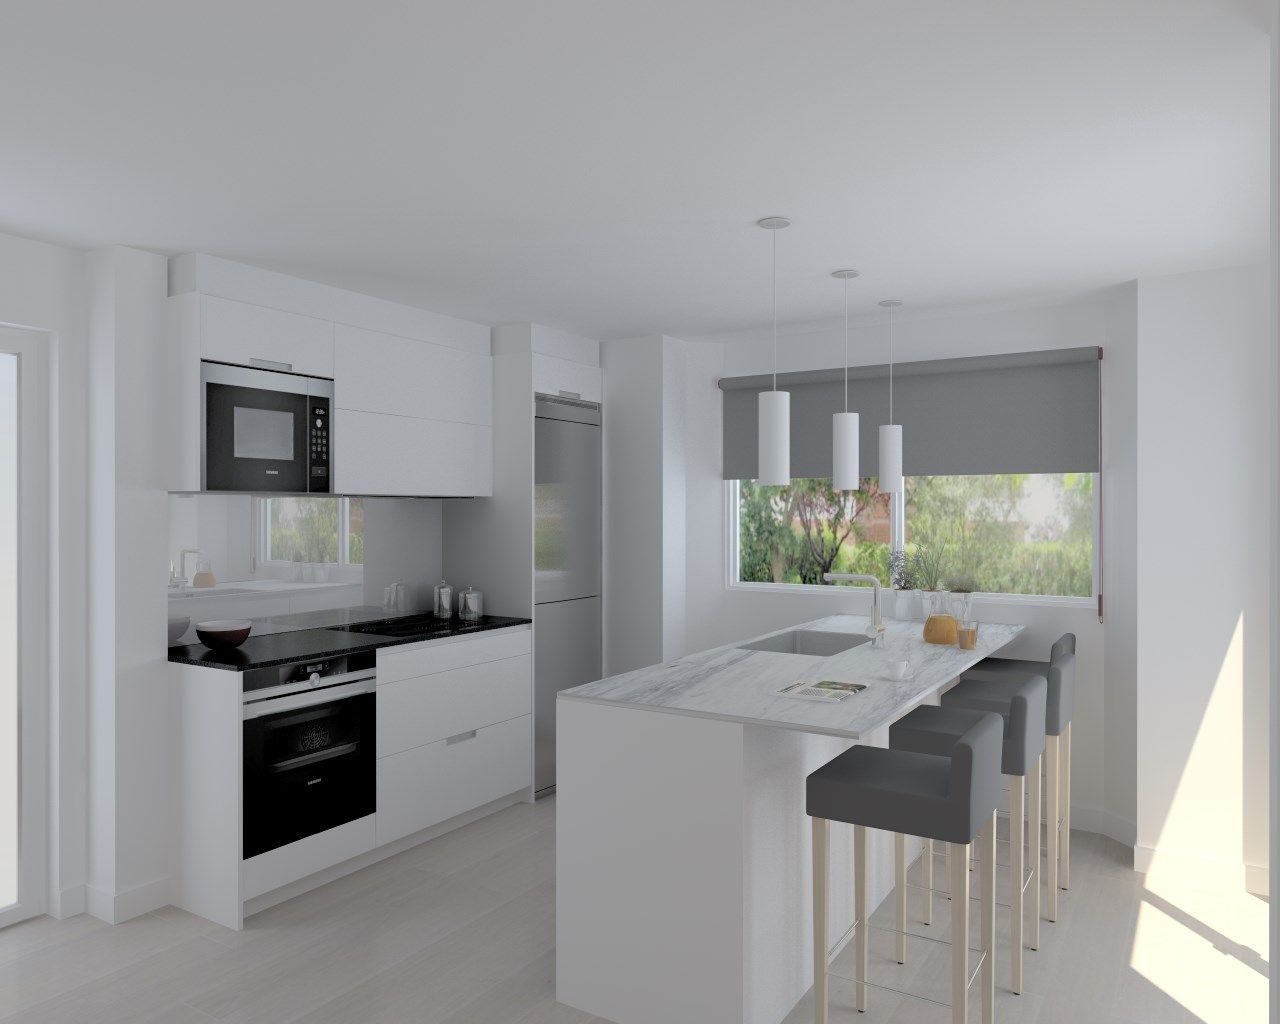 Cocina santos modelo minos laminado blanco encimera for Encimera de cocina lacada en blanco negro